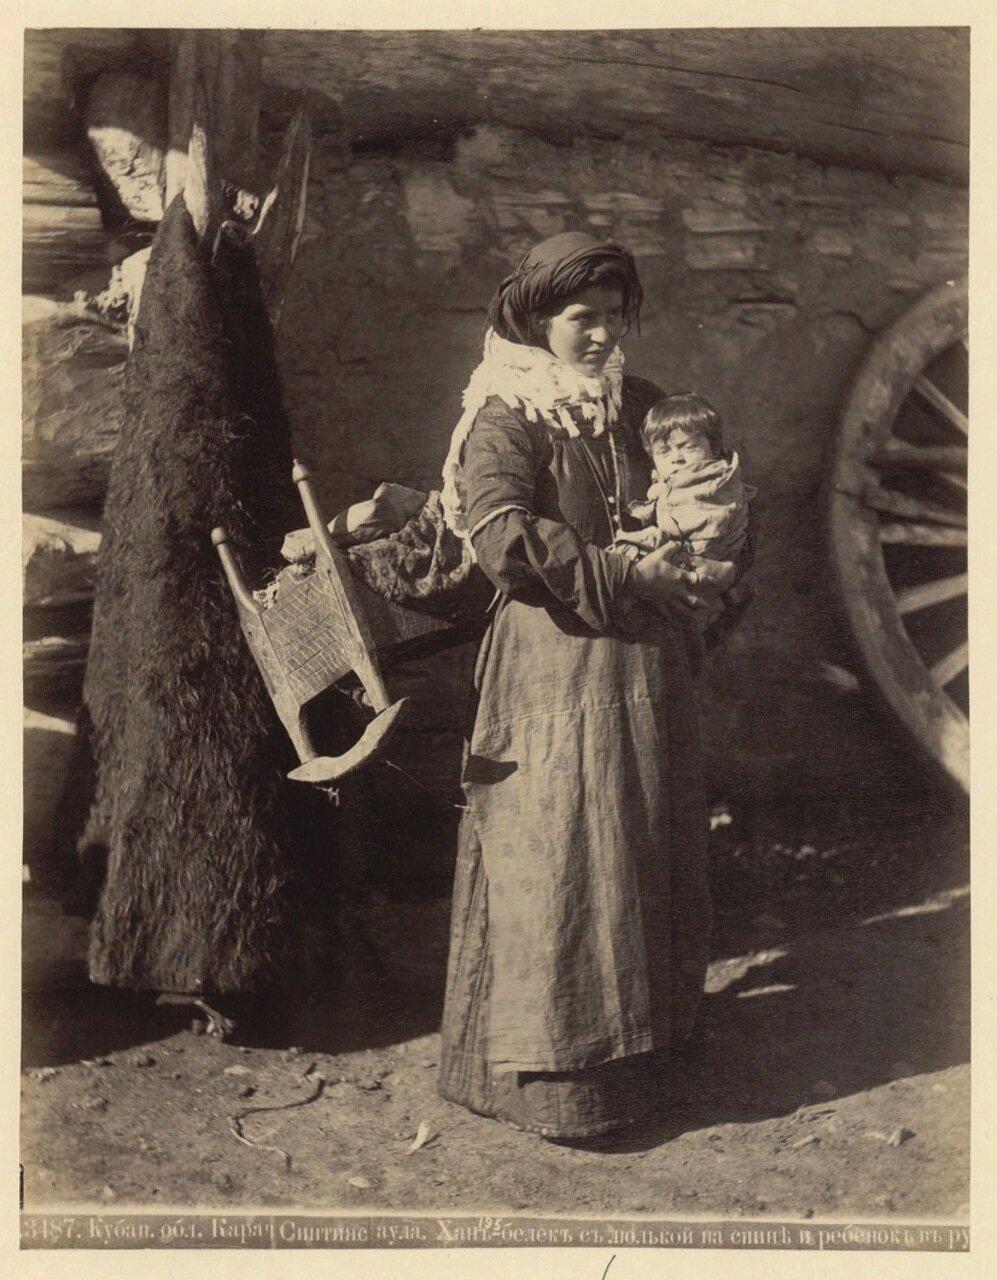 Кубанская обл. Карачаевка. 1890